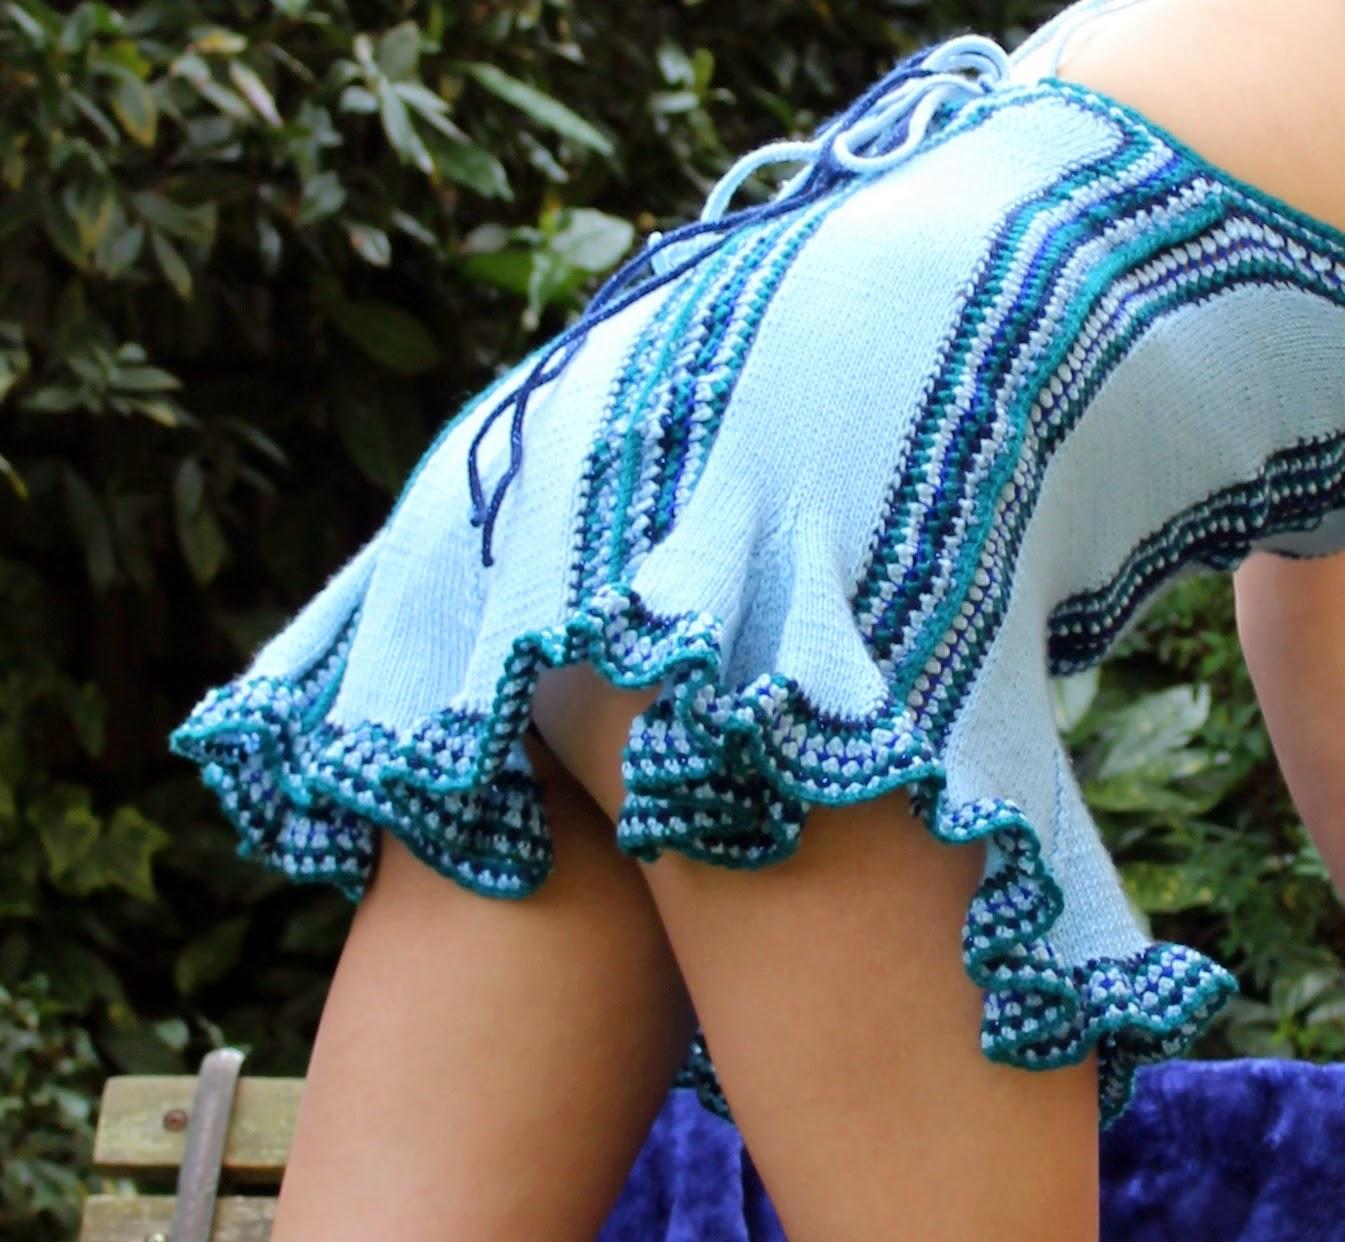 sukienka szydelkiem i na drutach